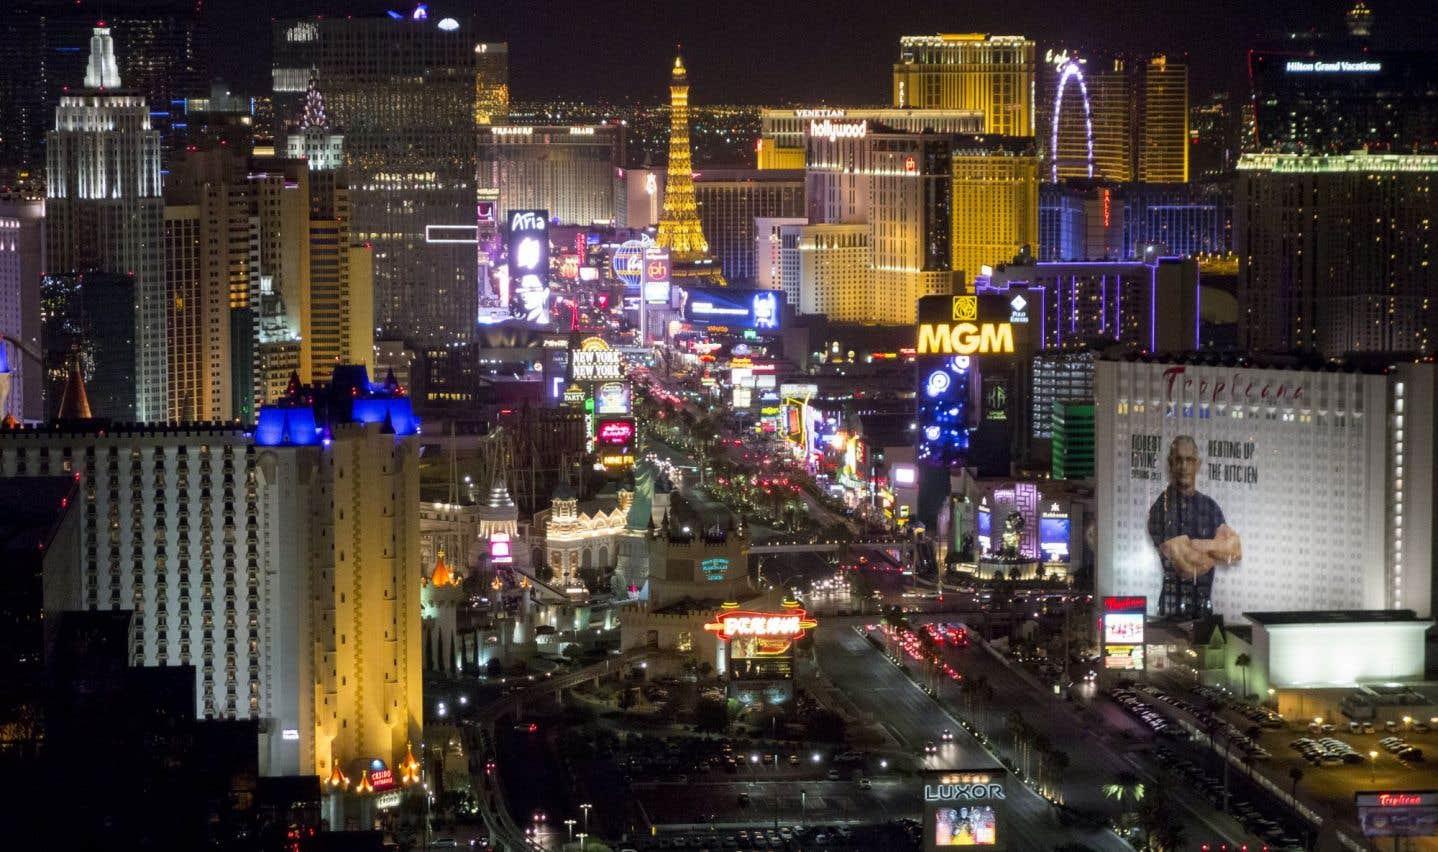 Le Strip de Las Vegas et ses nombreux casinos